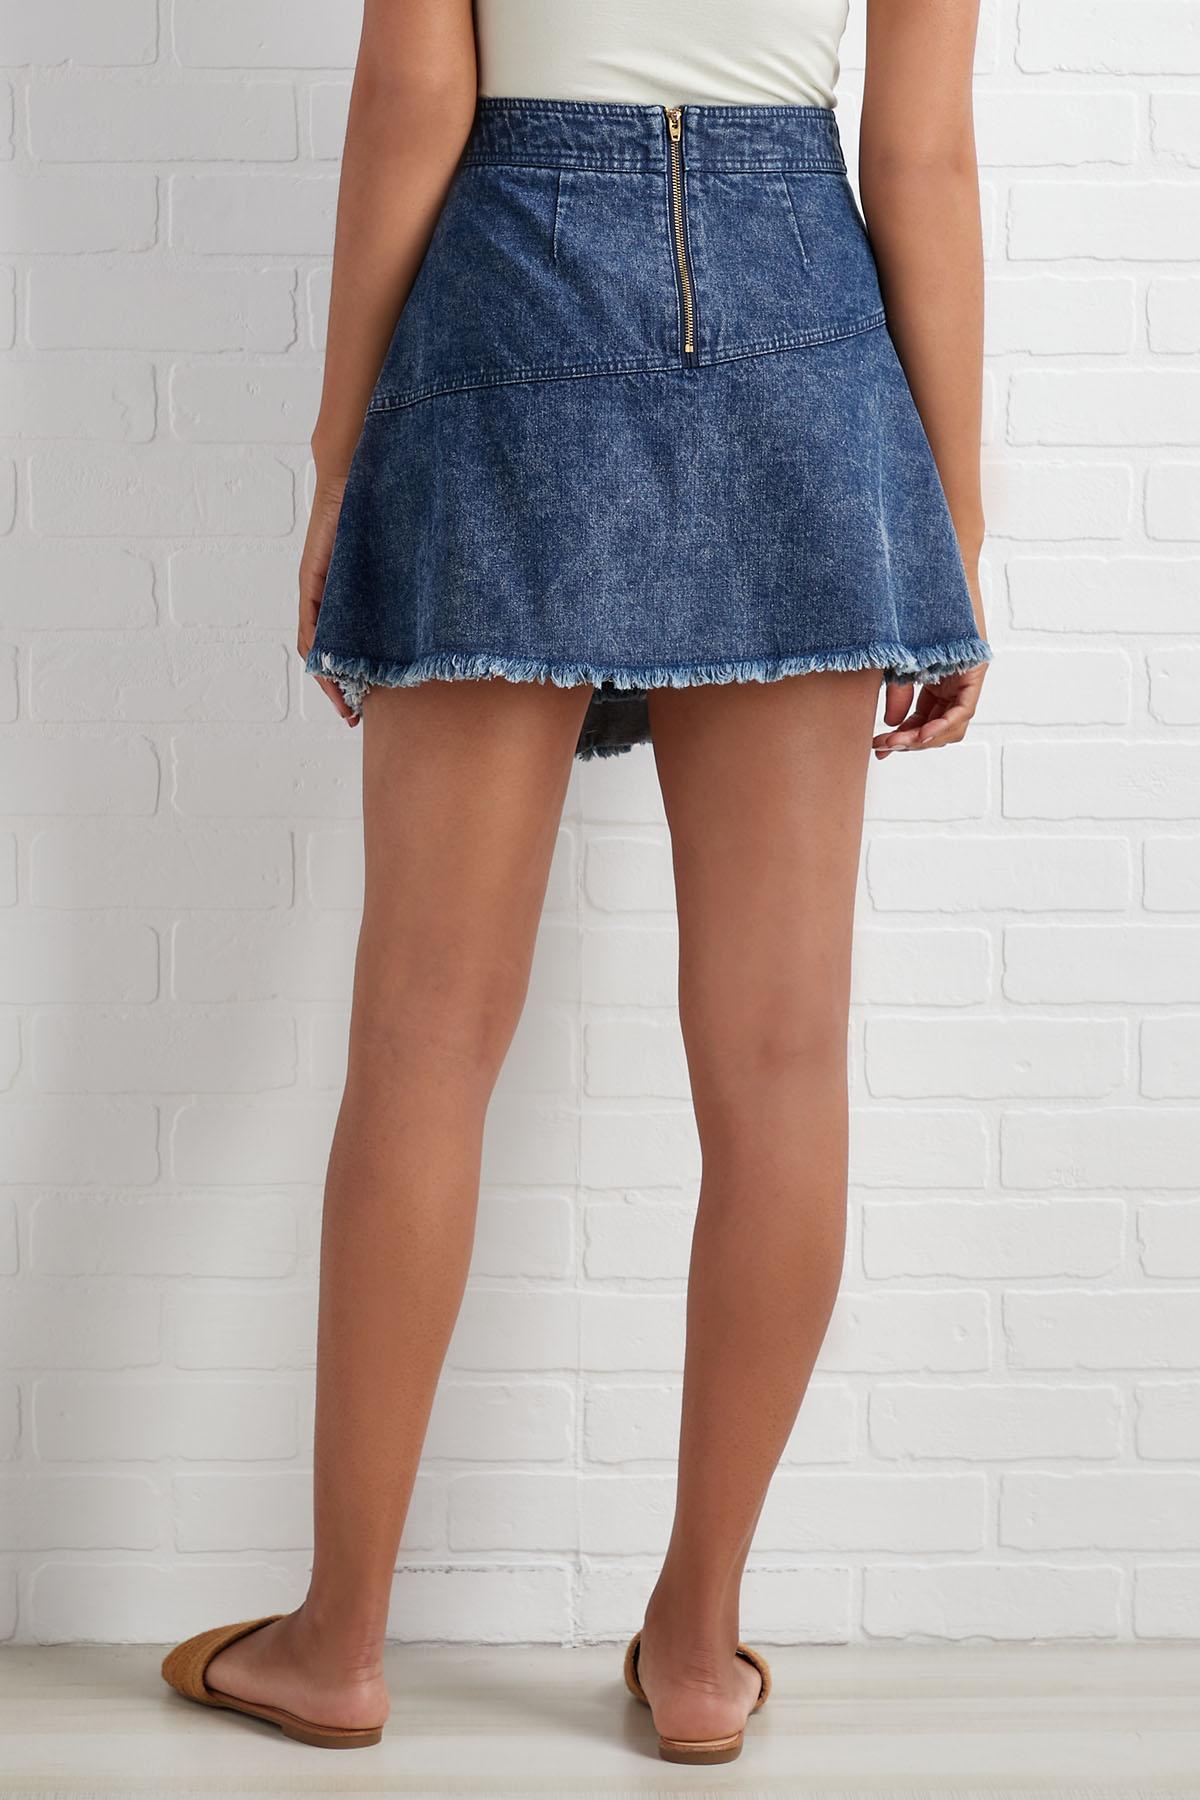 Moment Of Ease Skirt